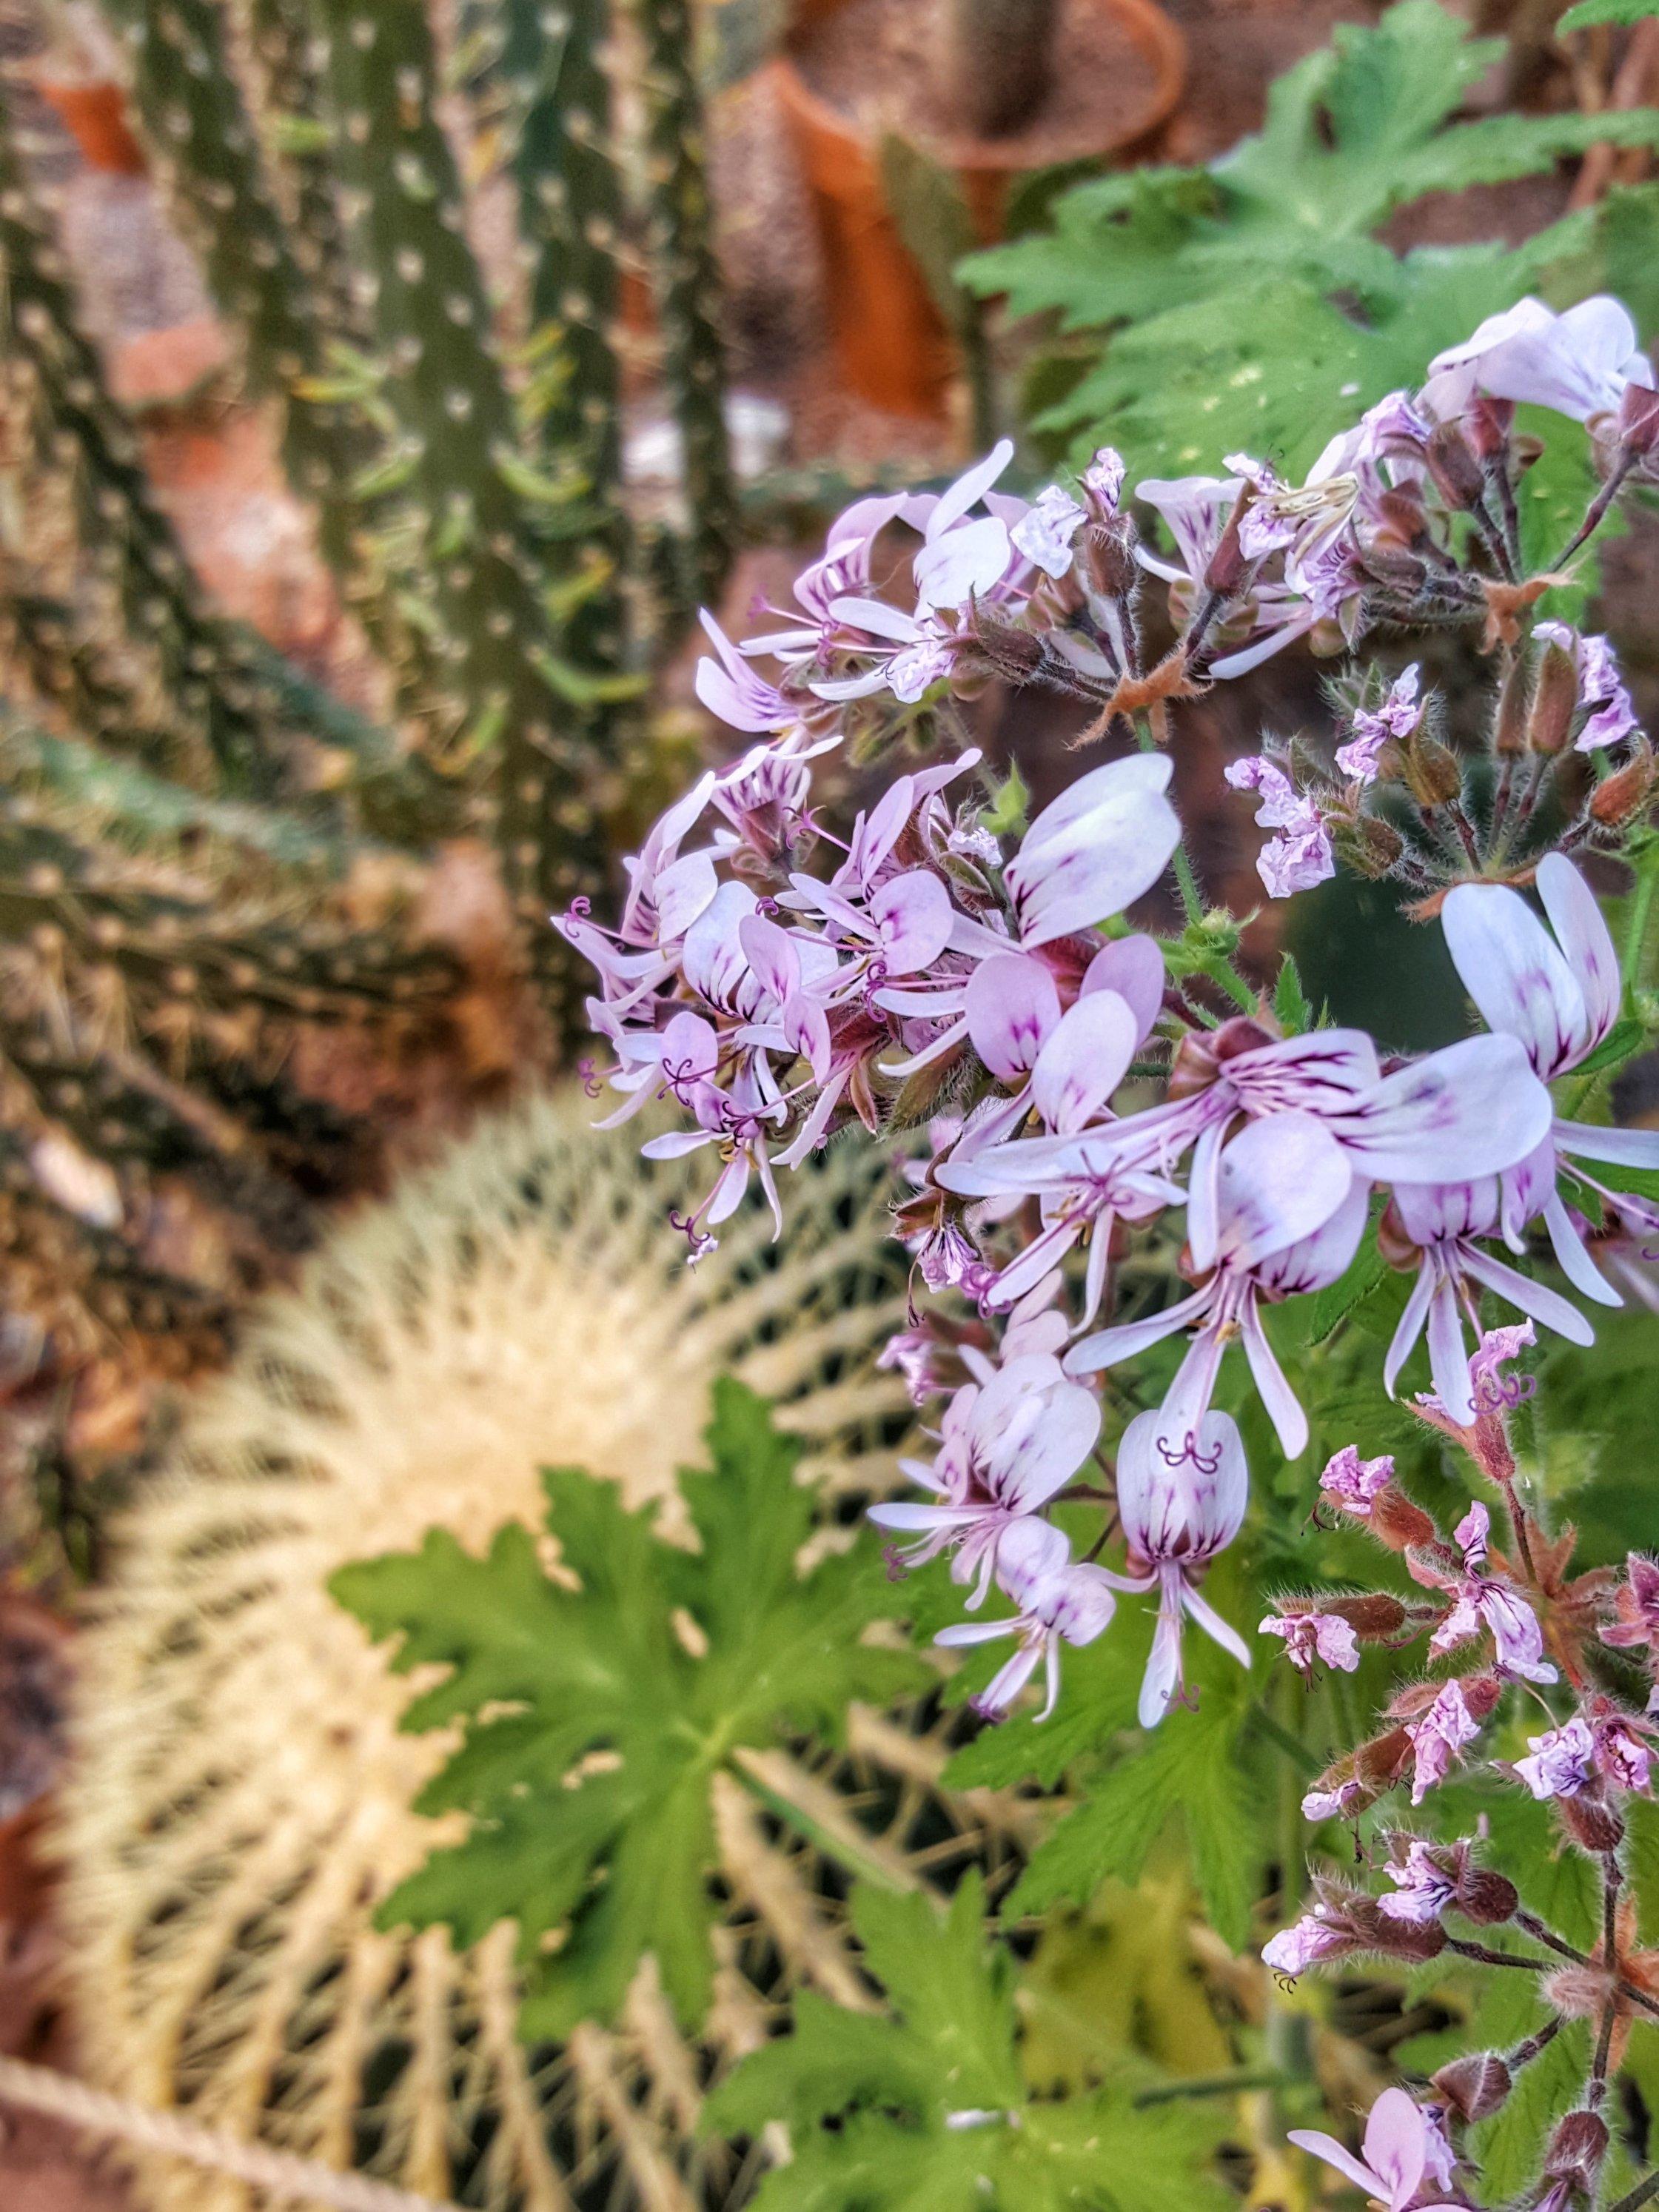 flower cactus botanic garden Finland